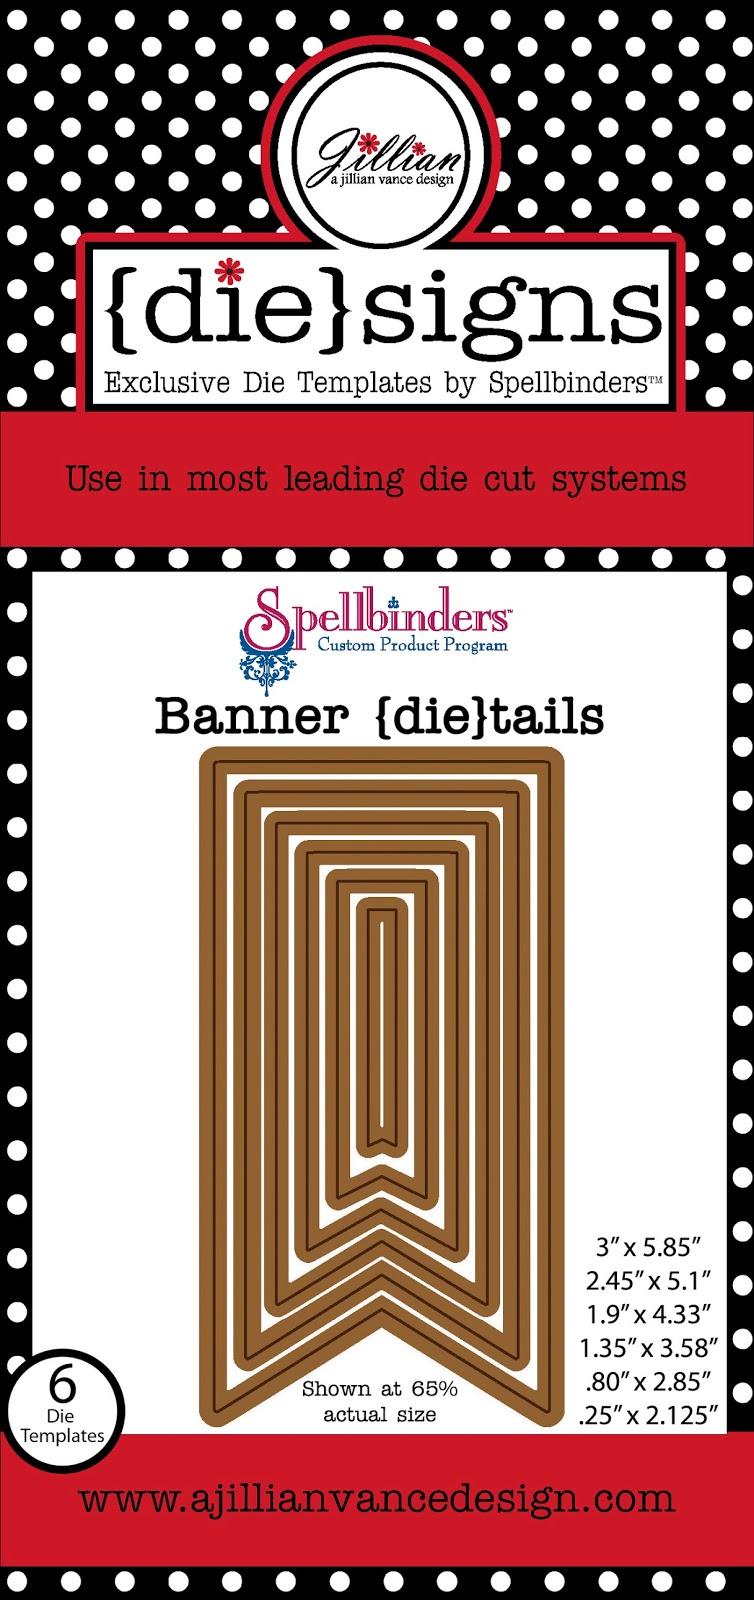 Banner die-tails